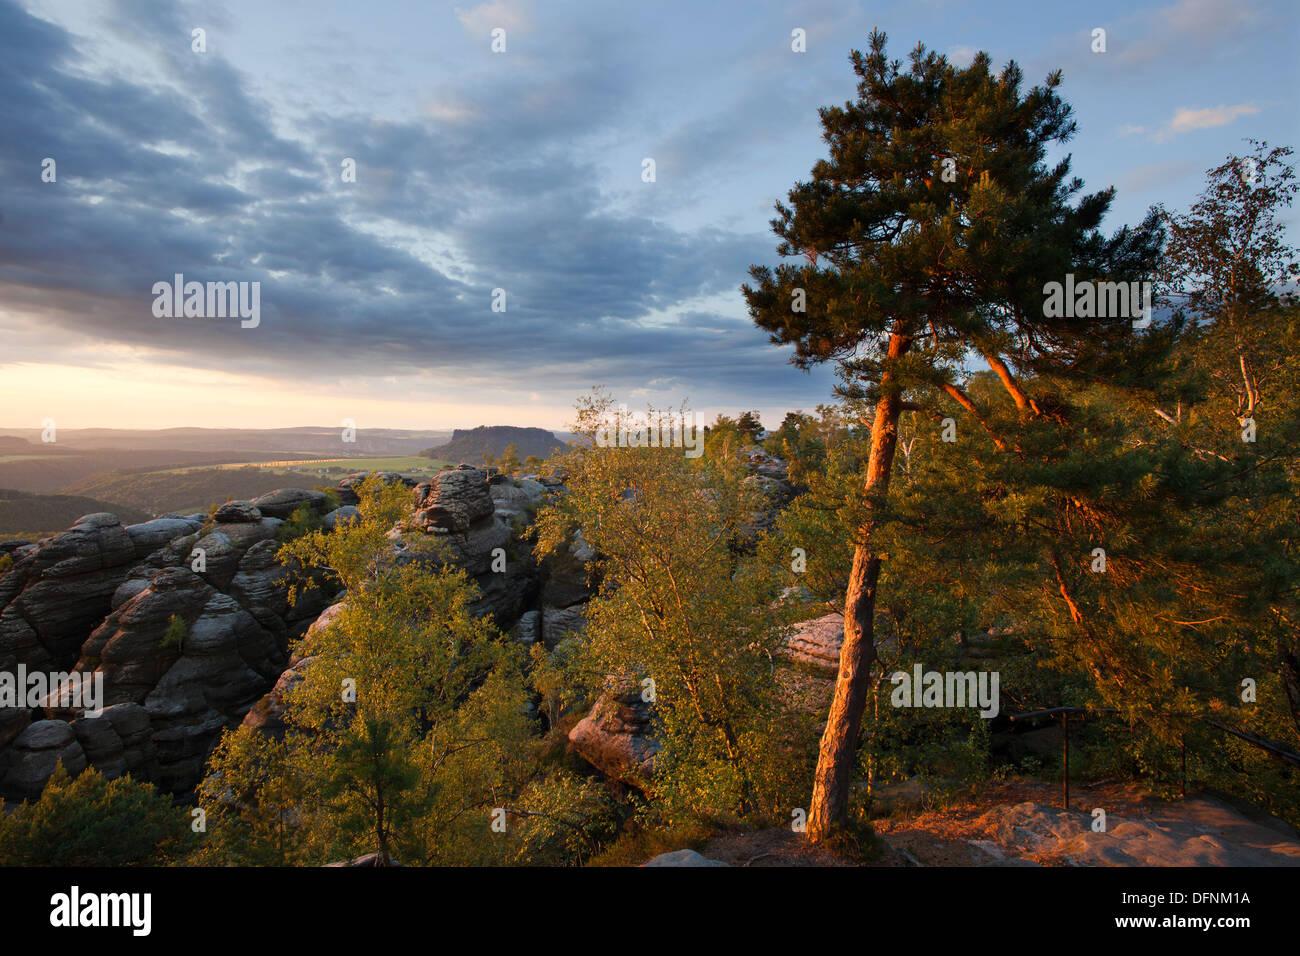 Pine tree at Pfaffenstein Rock in the evening light, view onto Lilienstein Rock, National Park Saxon Switzerland, Elbe Sandstone - Stock Image